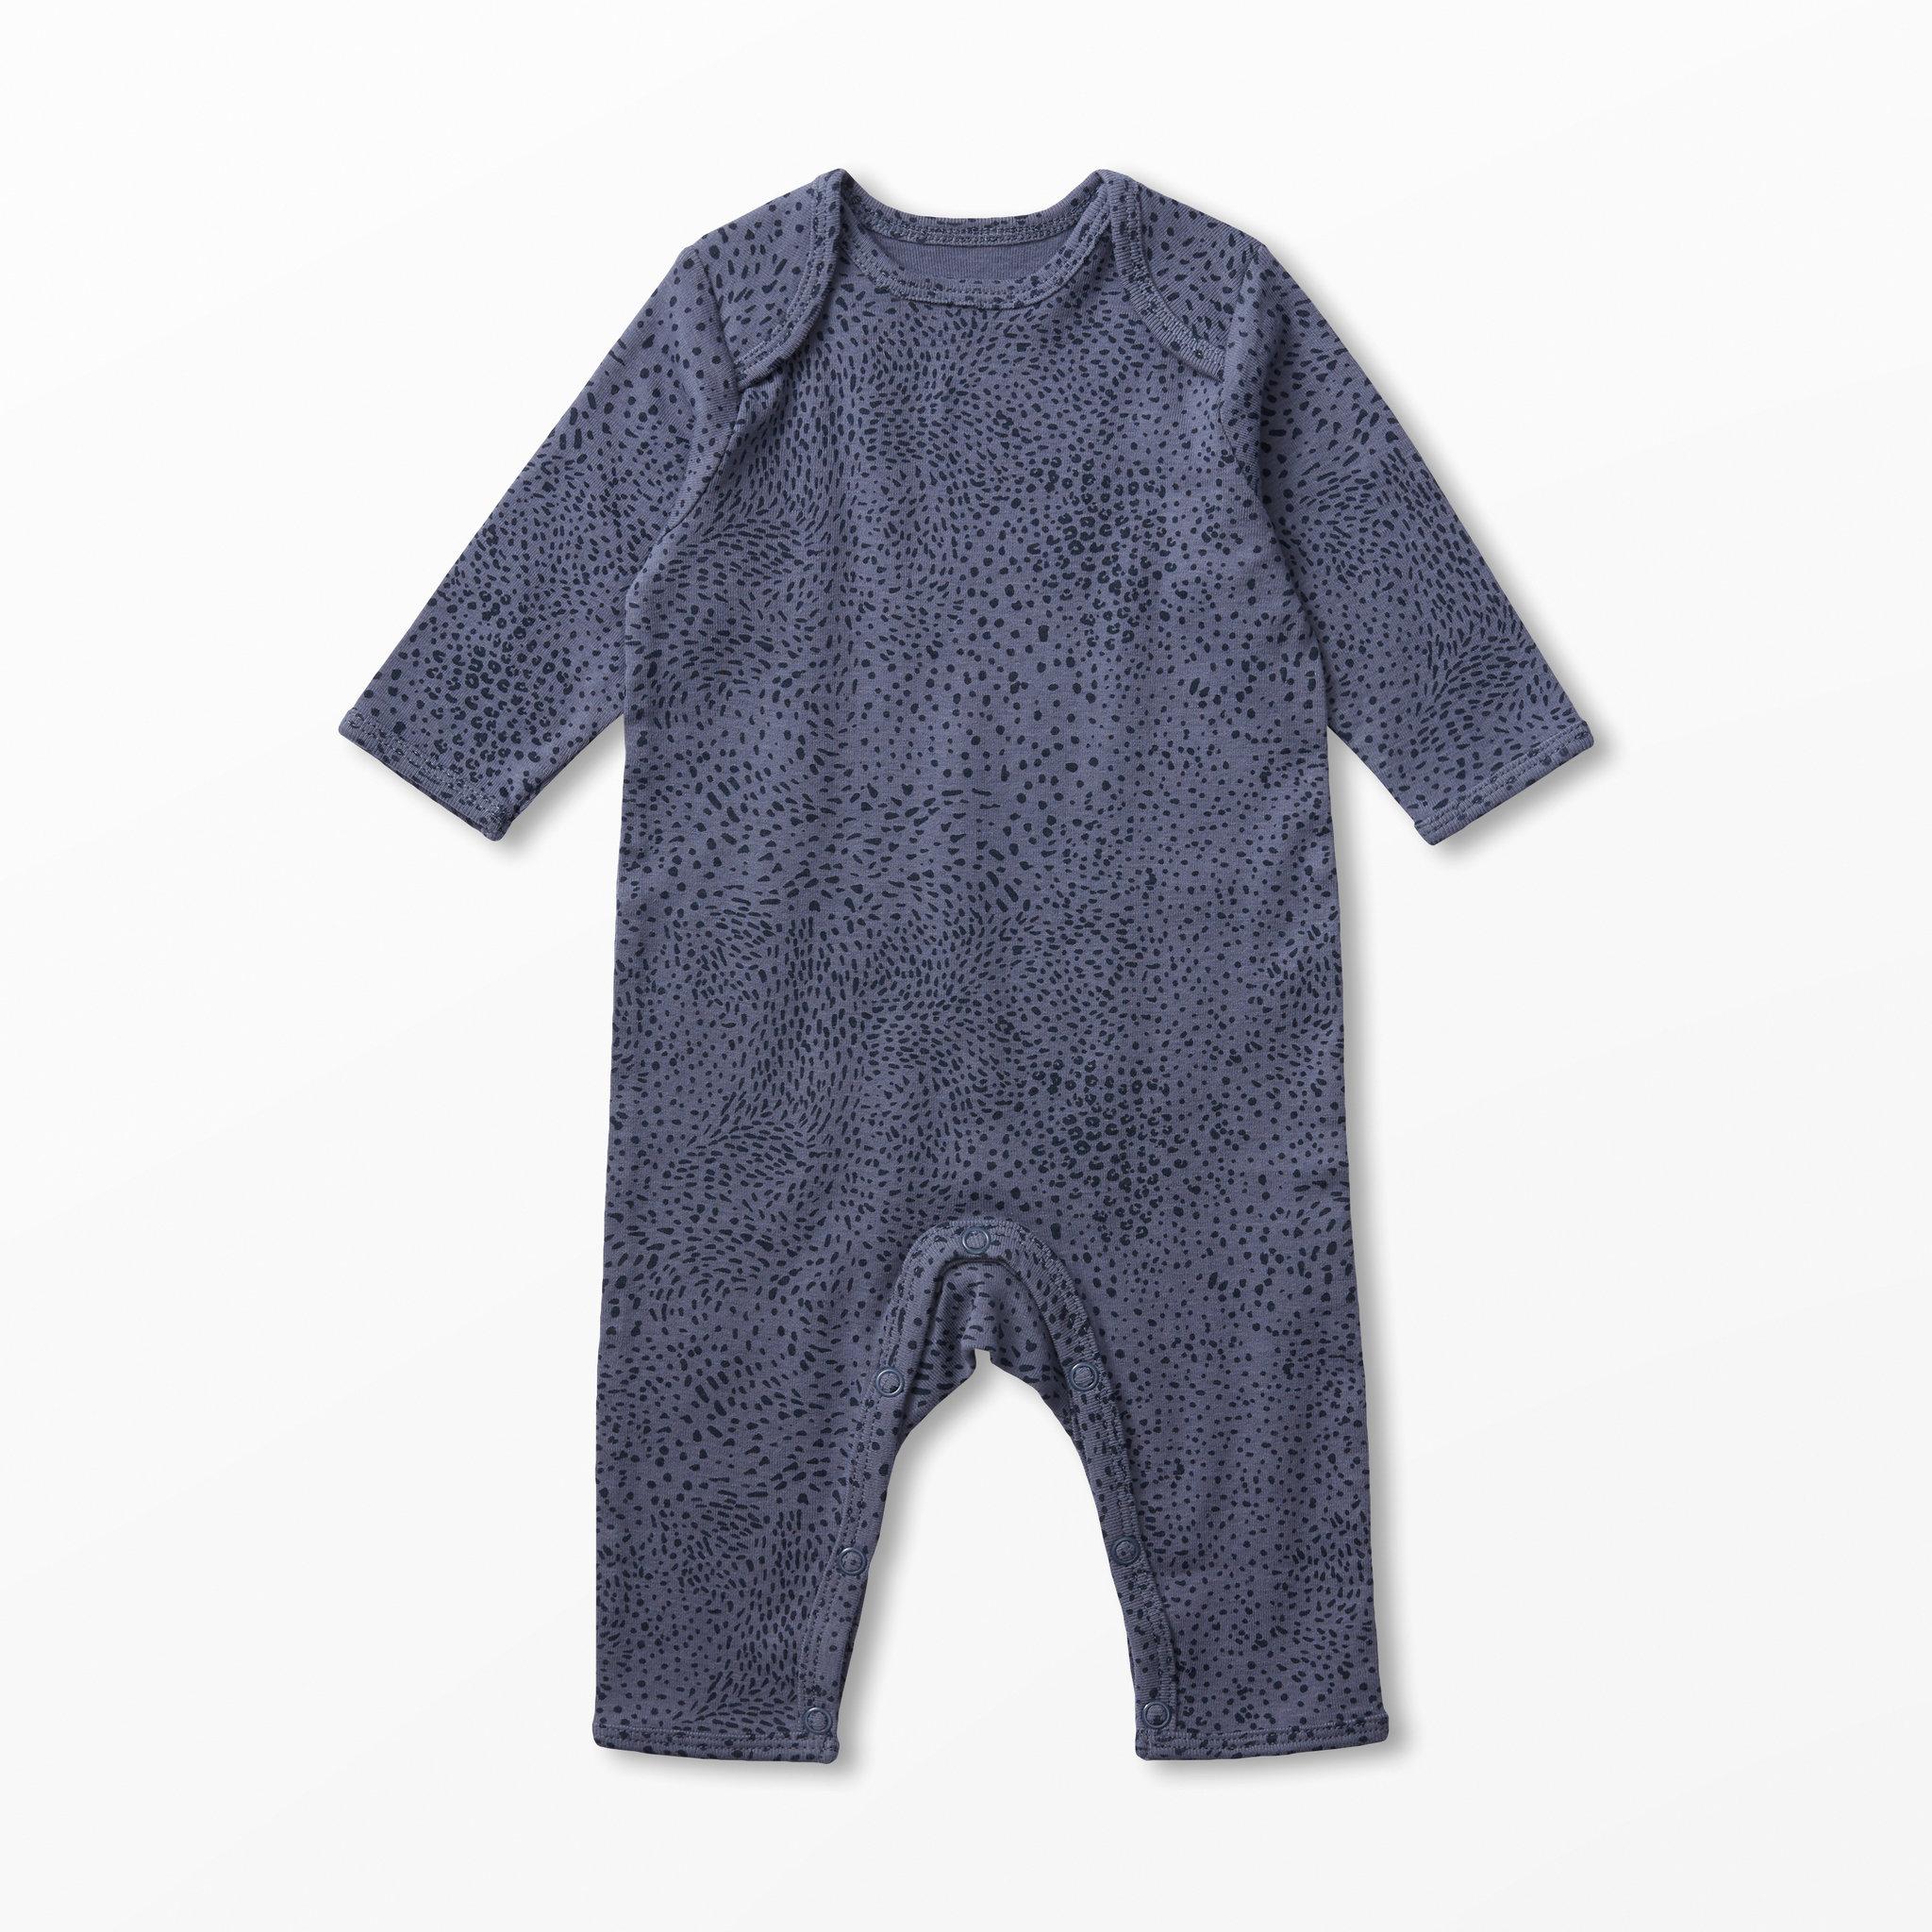 pyjamas dam åhlens